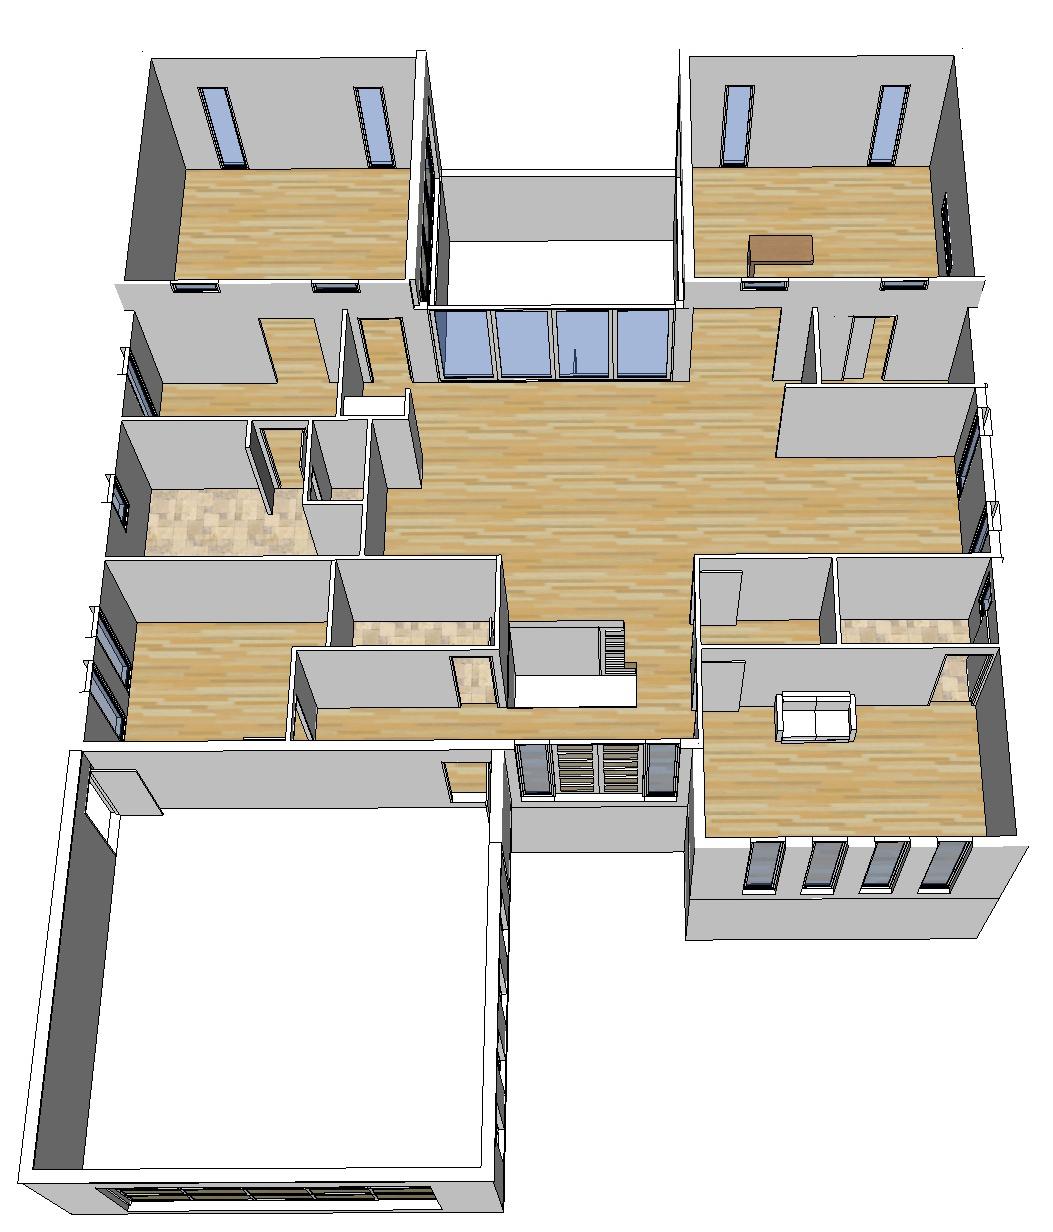 buy your custom home floor plan design here next home plans you can buy plans home plans ideas picture